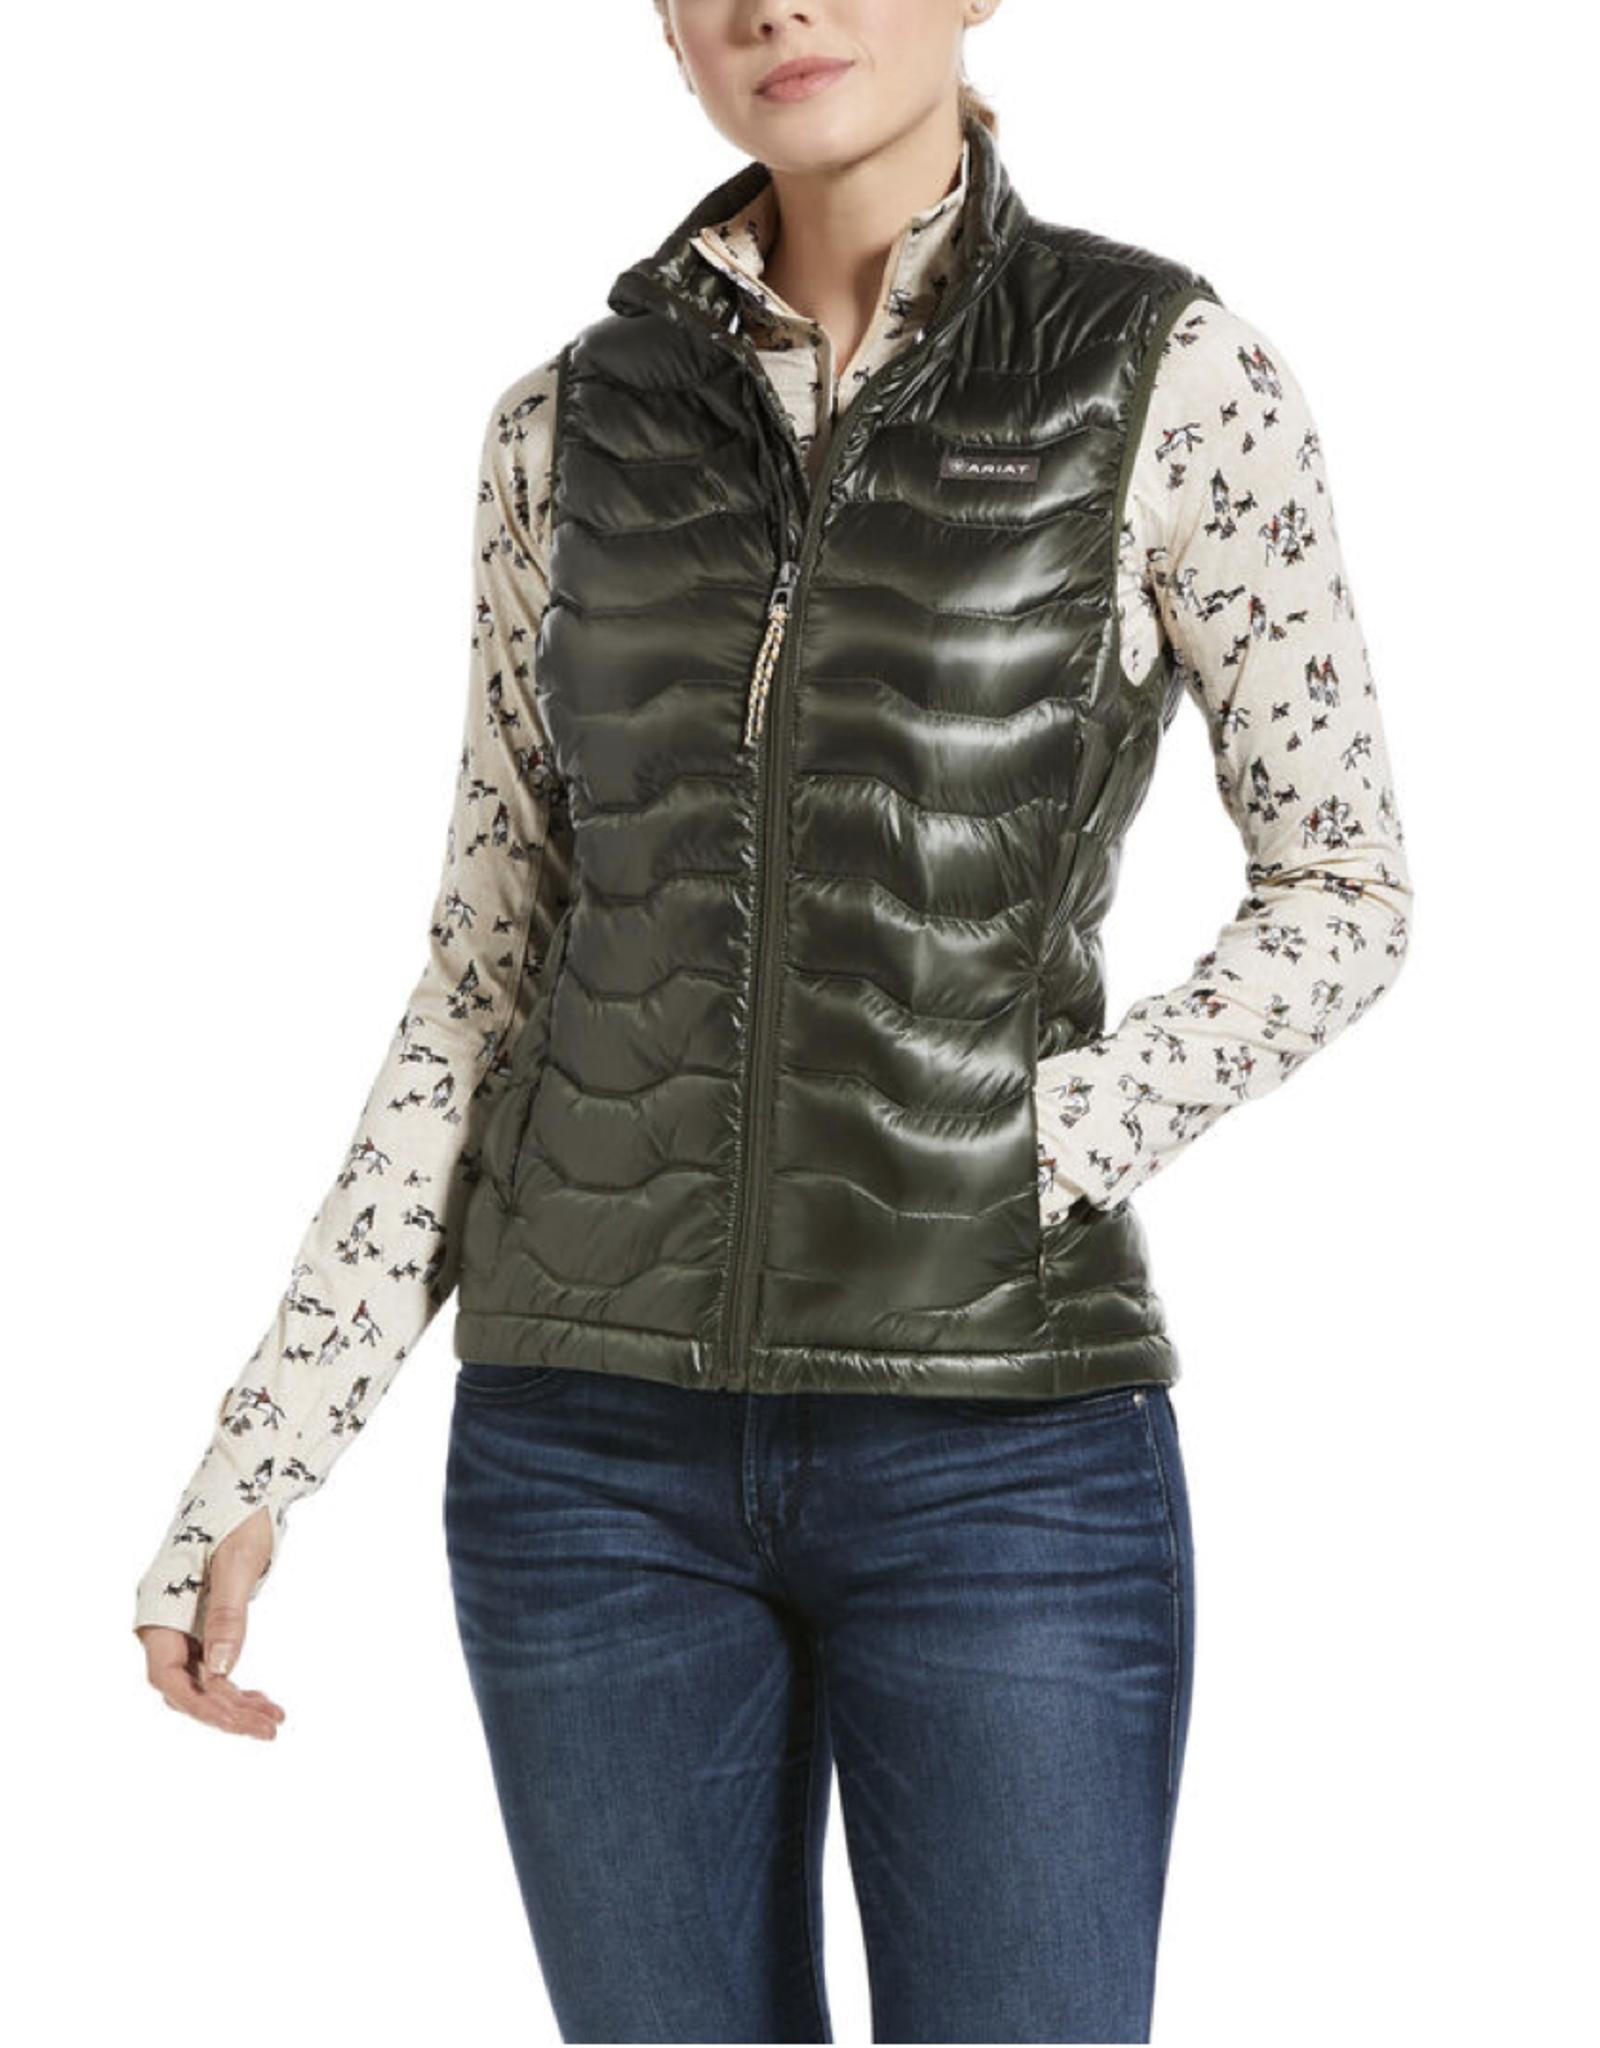 Ariat Ladies' Ideal Down 3.0 Vest